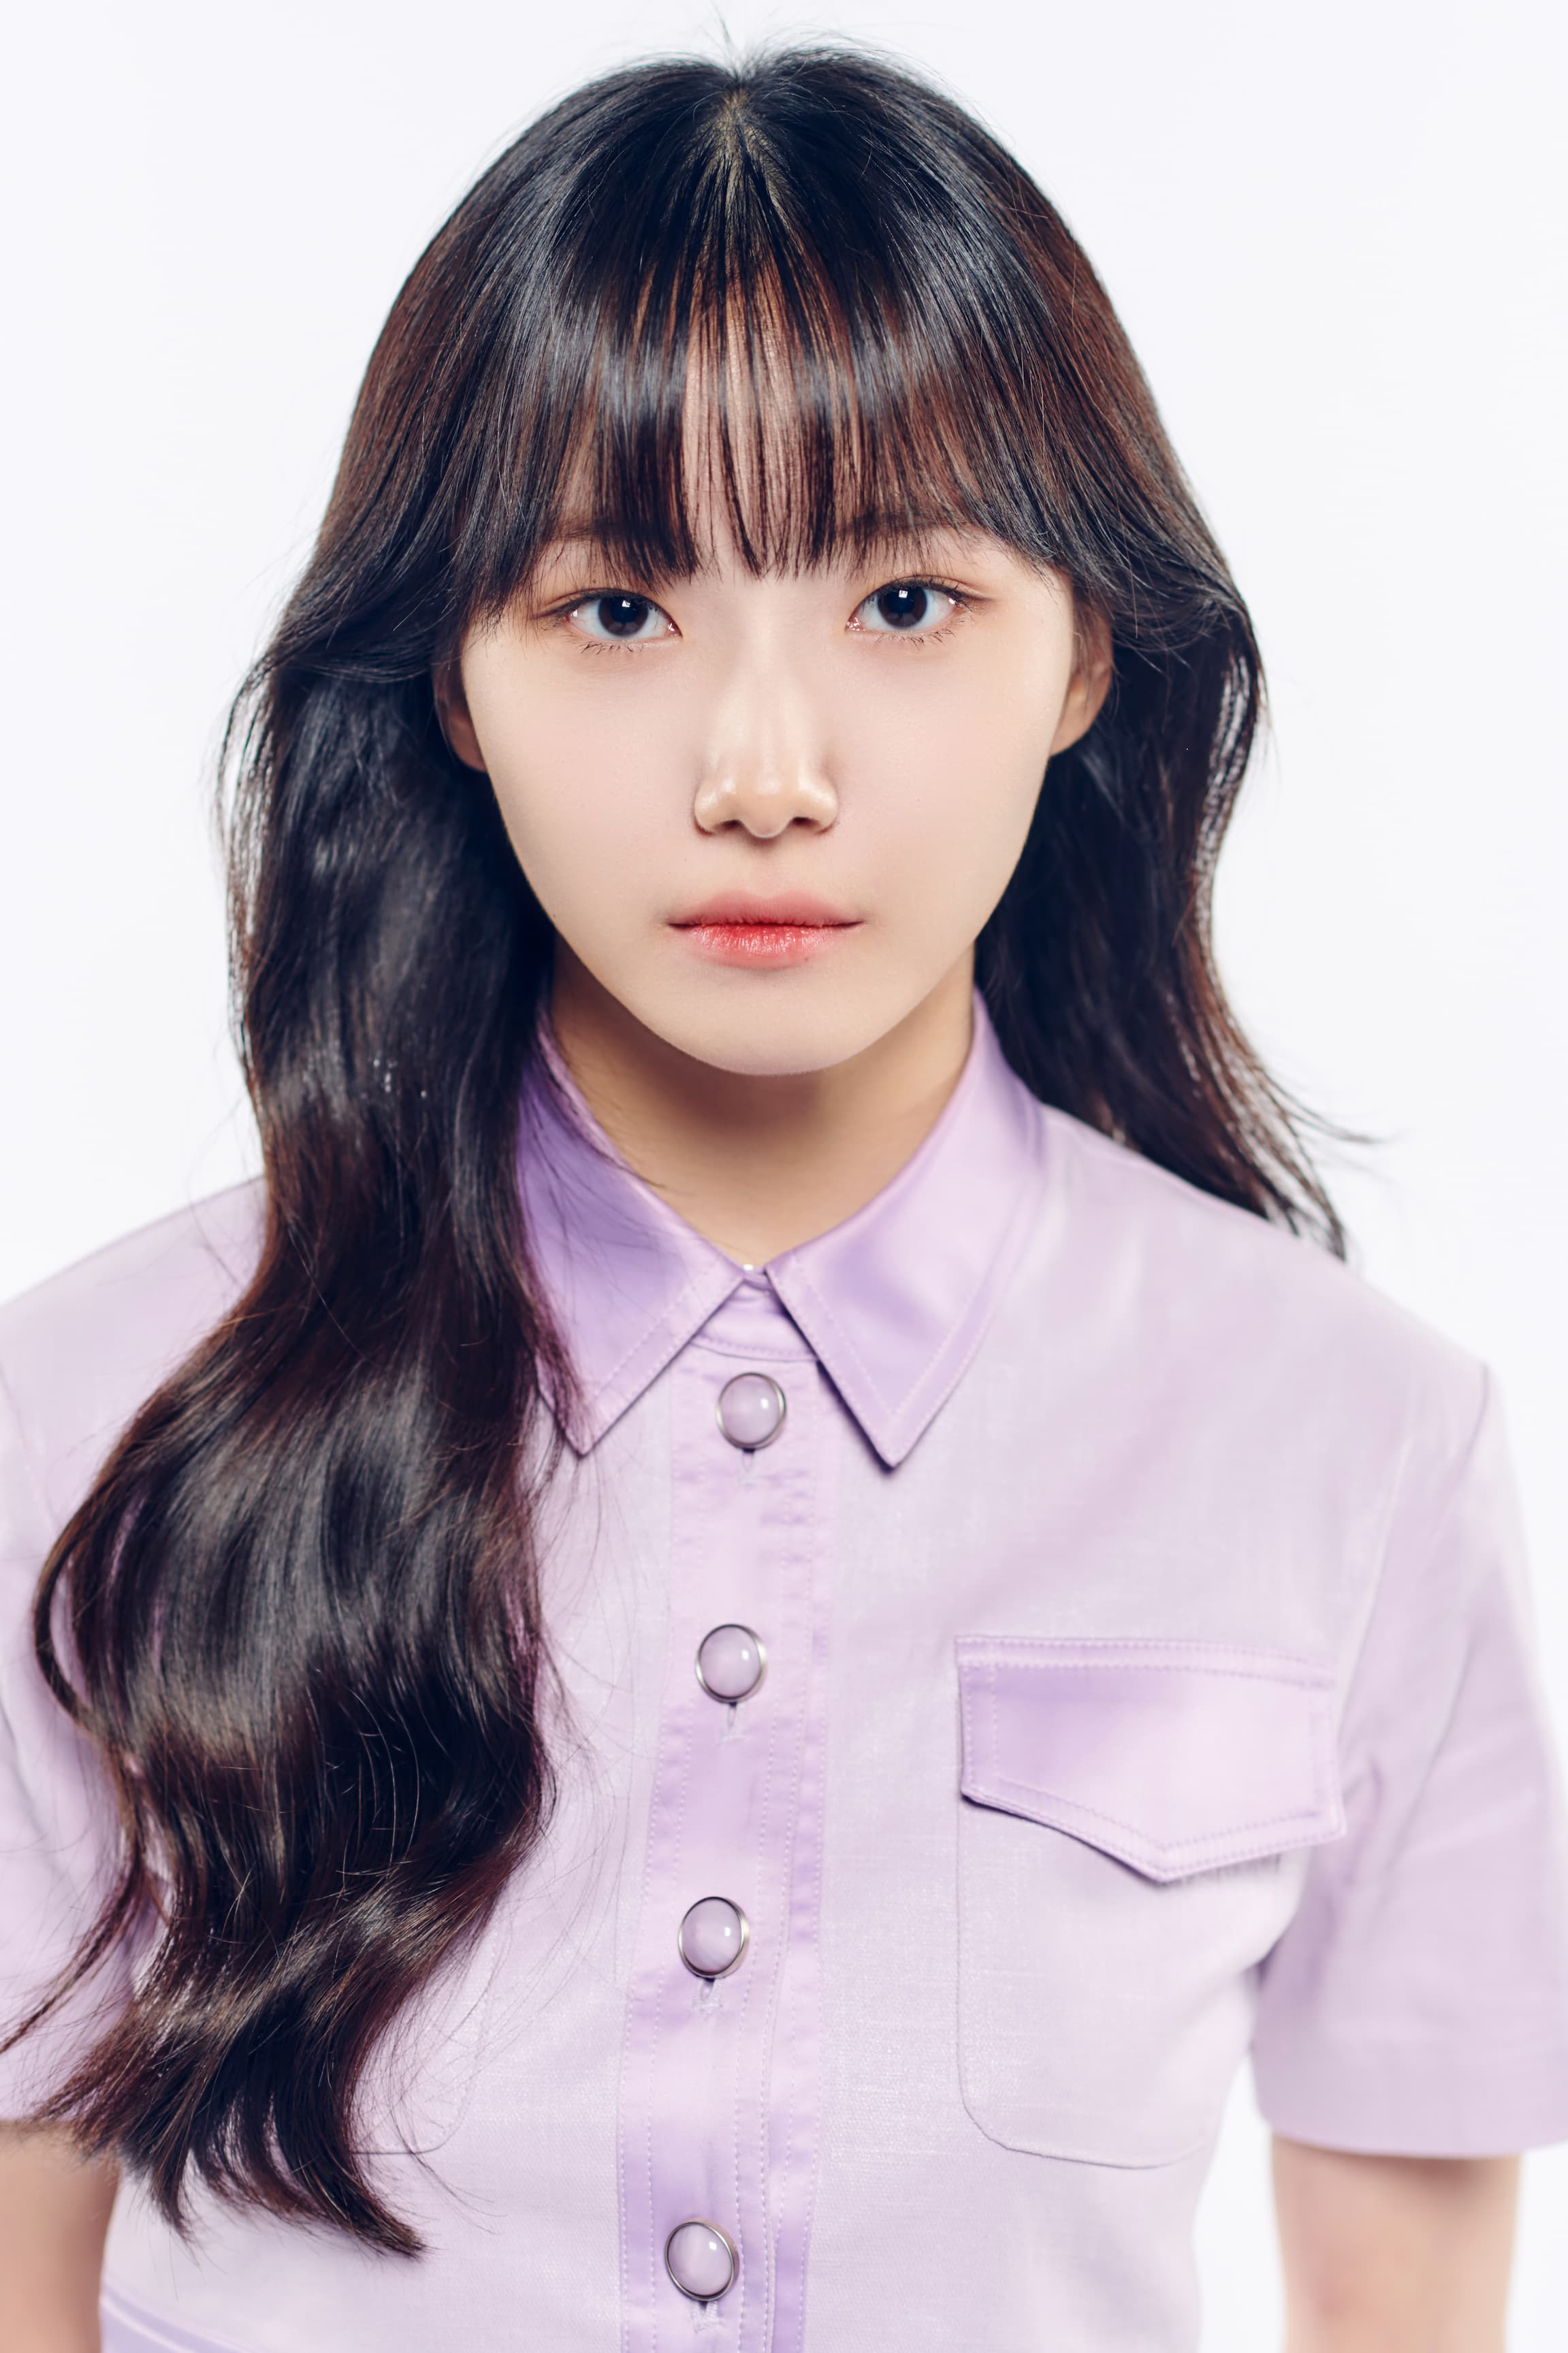 Seo Youngeun Girls Planet 999 Profile - K-Pop Database / dbkpop.com